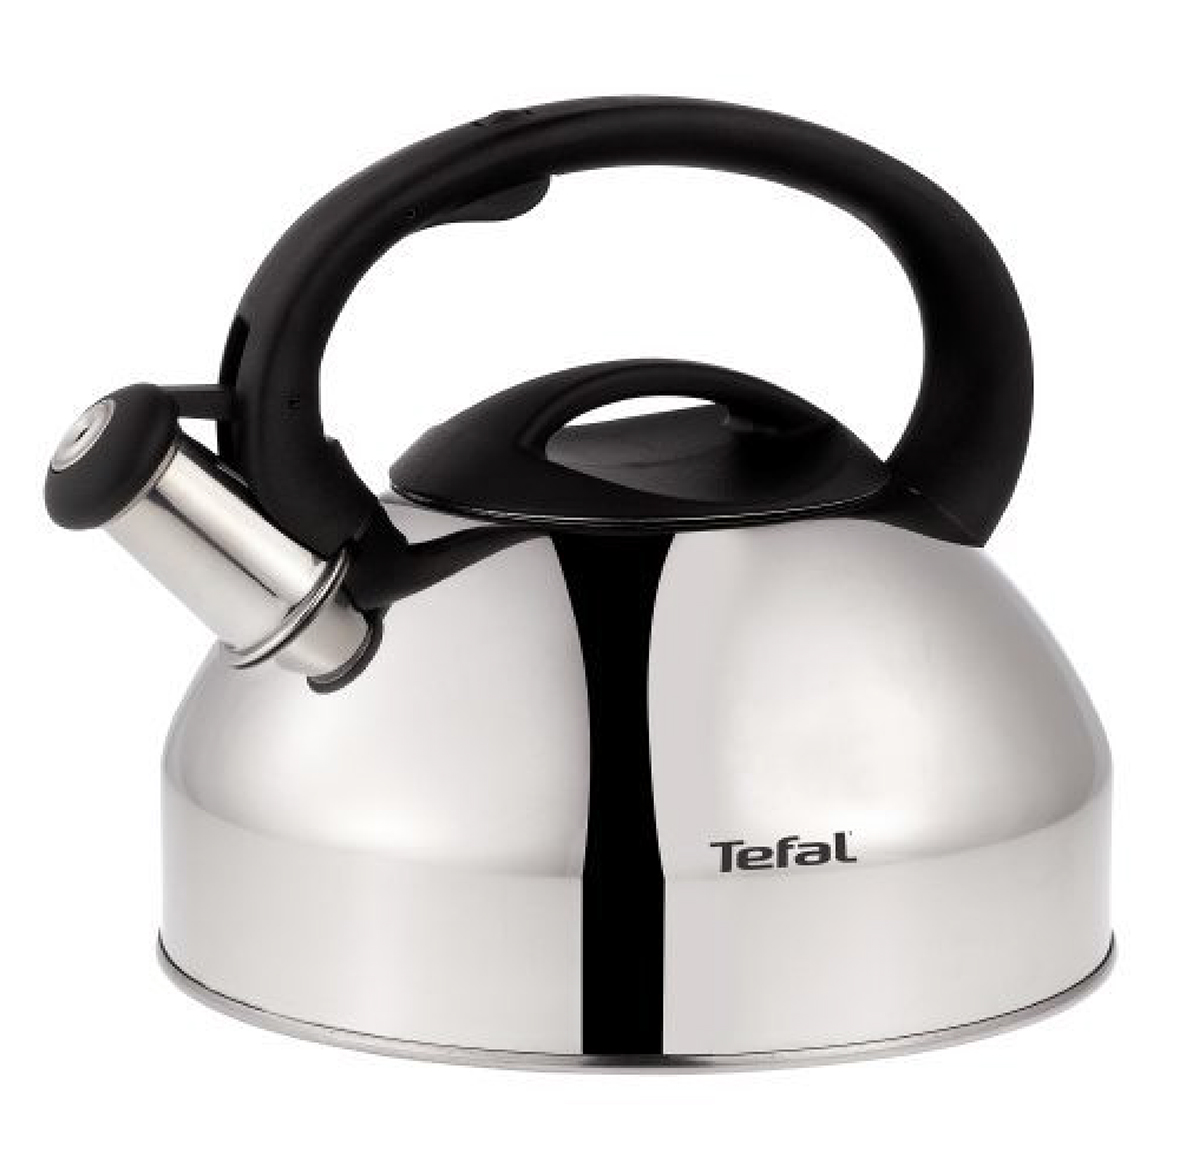 Чайник Tefal, со свистком, 3 л. C7922024C7922024Чайник Tefal изготовлен из шлифованной нержавеющей стали. Фиксированная ручка эргономичной формы изготовлена из бакелита. Носик чайника оснащен откидным свистком, звуковой сигнал которого подскажет, когда закипит вода. Свисток открывается/закрывается с помощью рычага на ручке чайника. Чайник Tefal - качественное исполнение и стильное решение для вашей кухни. Чайник подходит для всех типов плит, кроме индукционных.